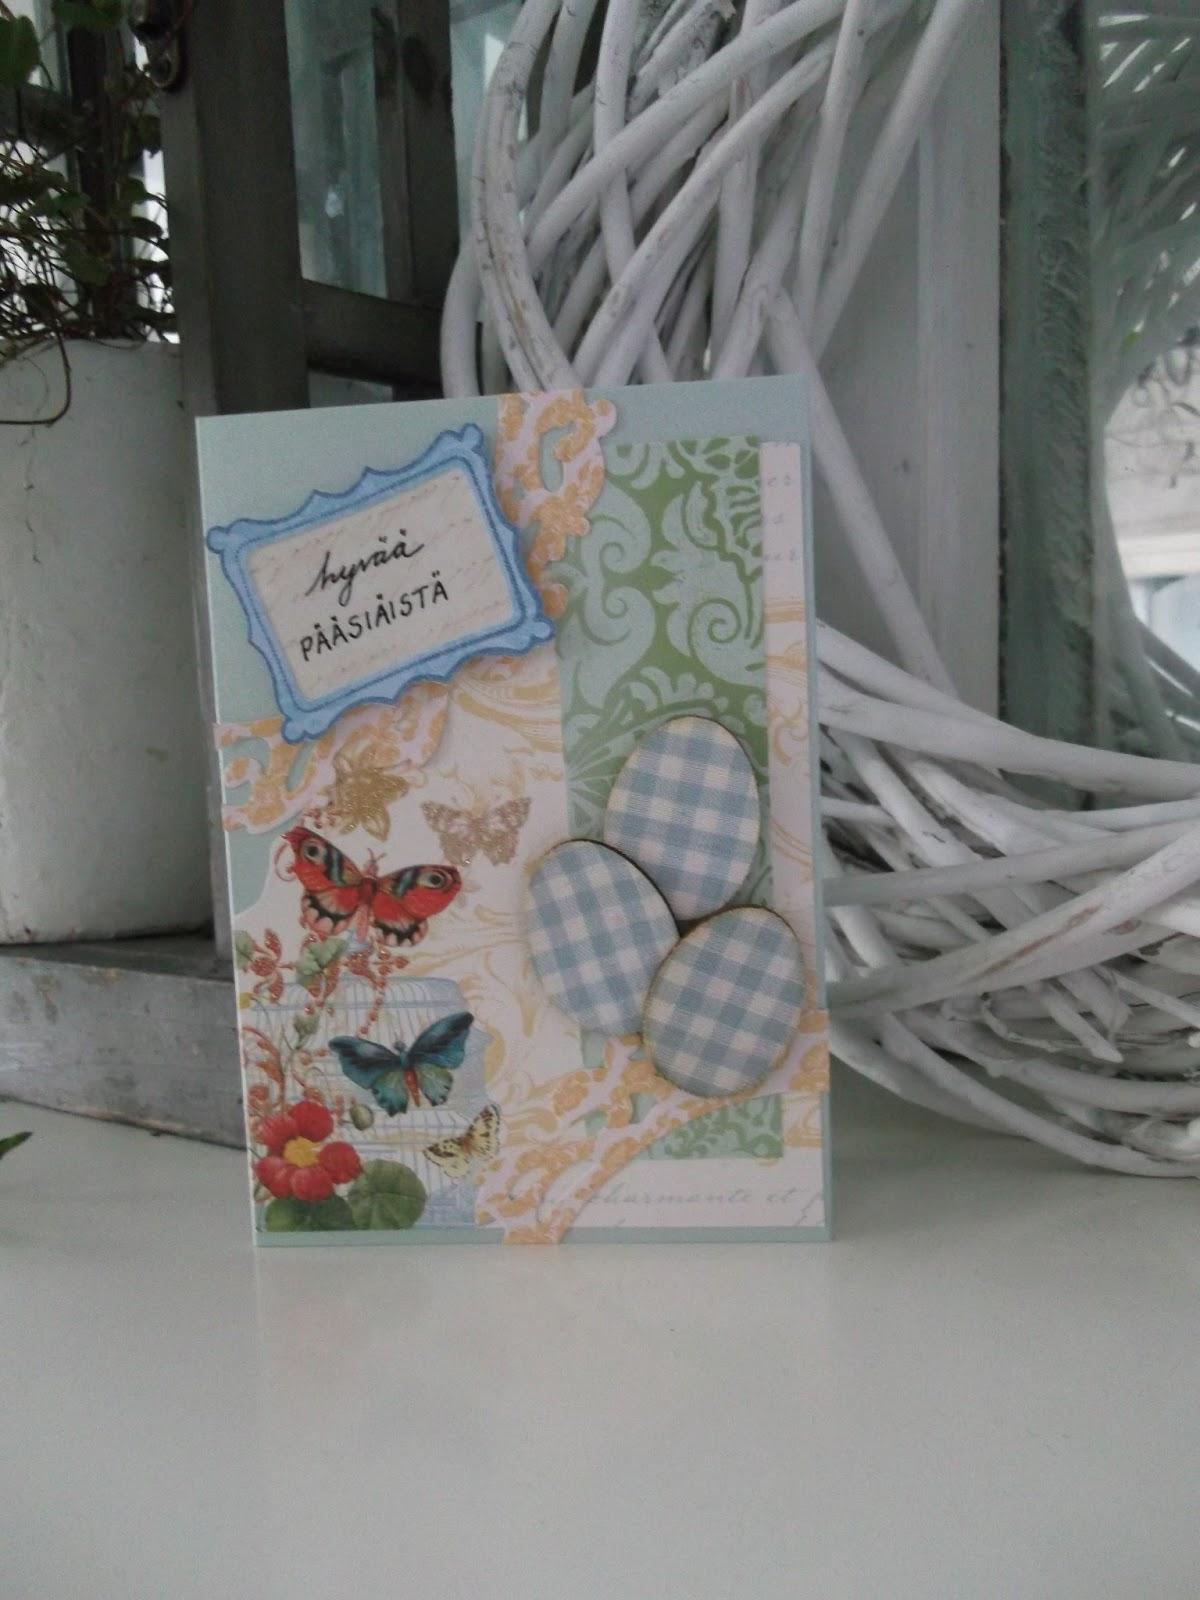 itsetehty pääsiäiskortti, jossa perhosia ja pääsiäismunia